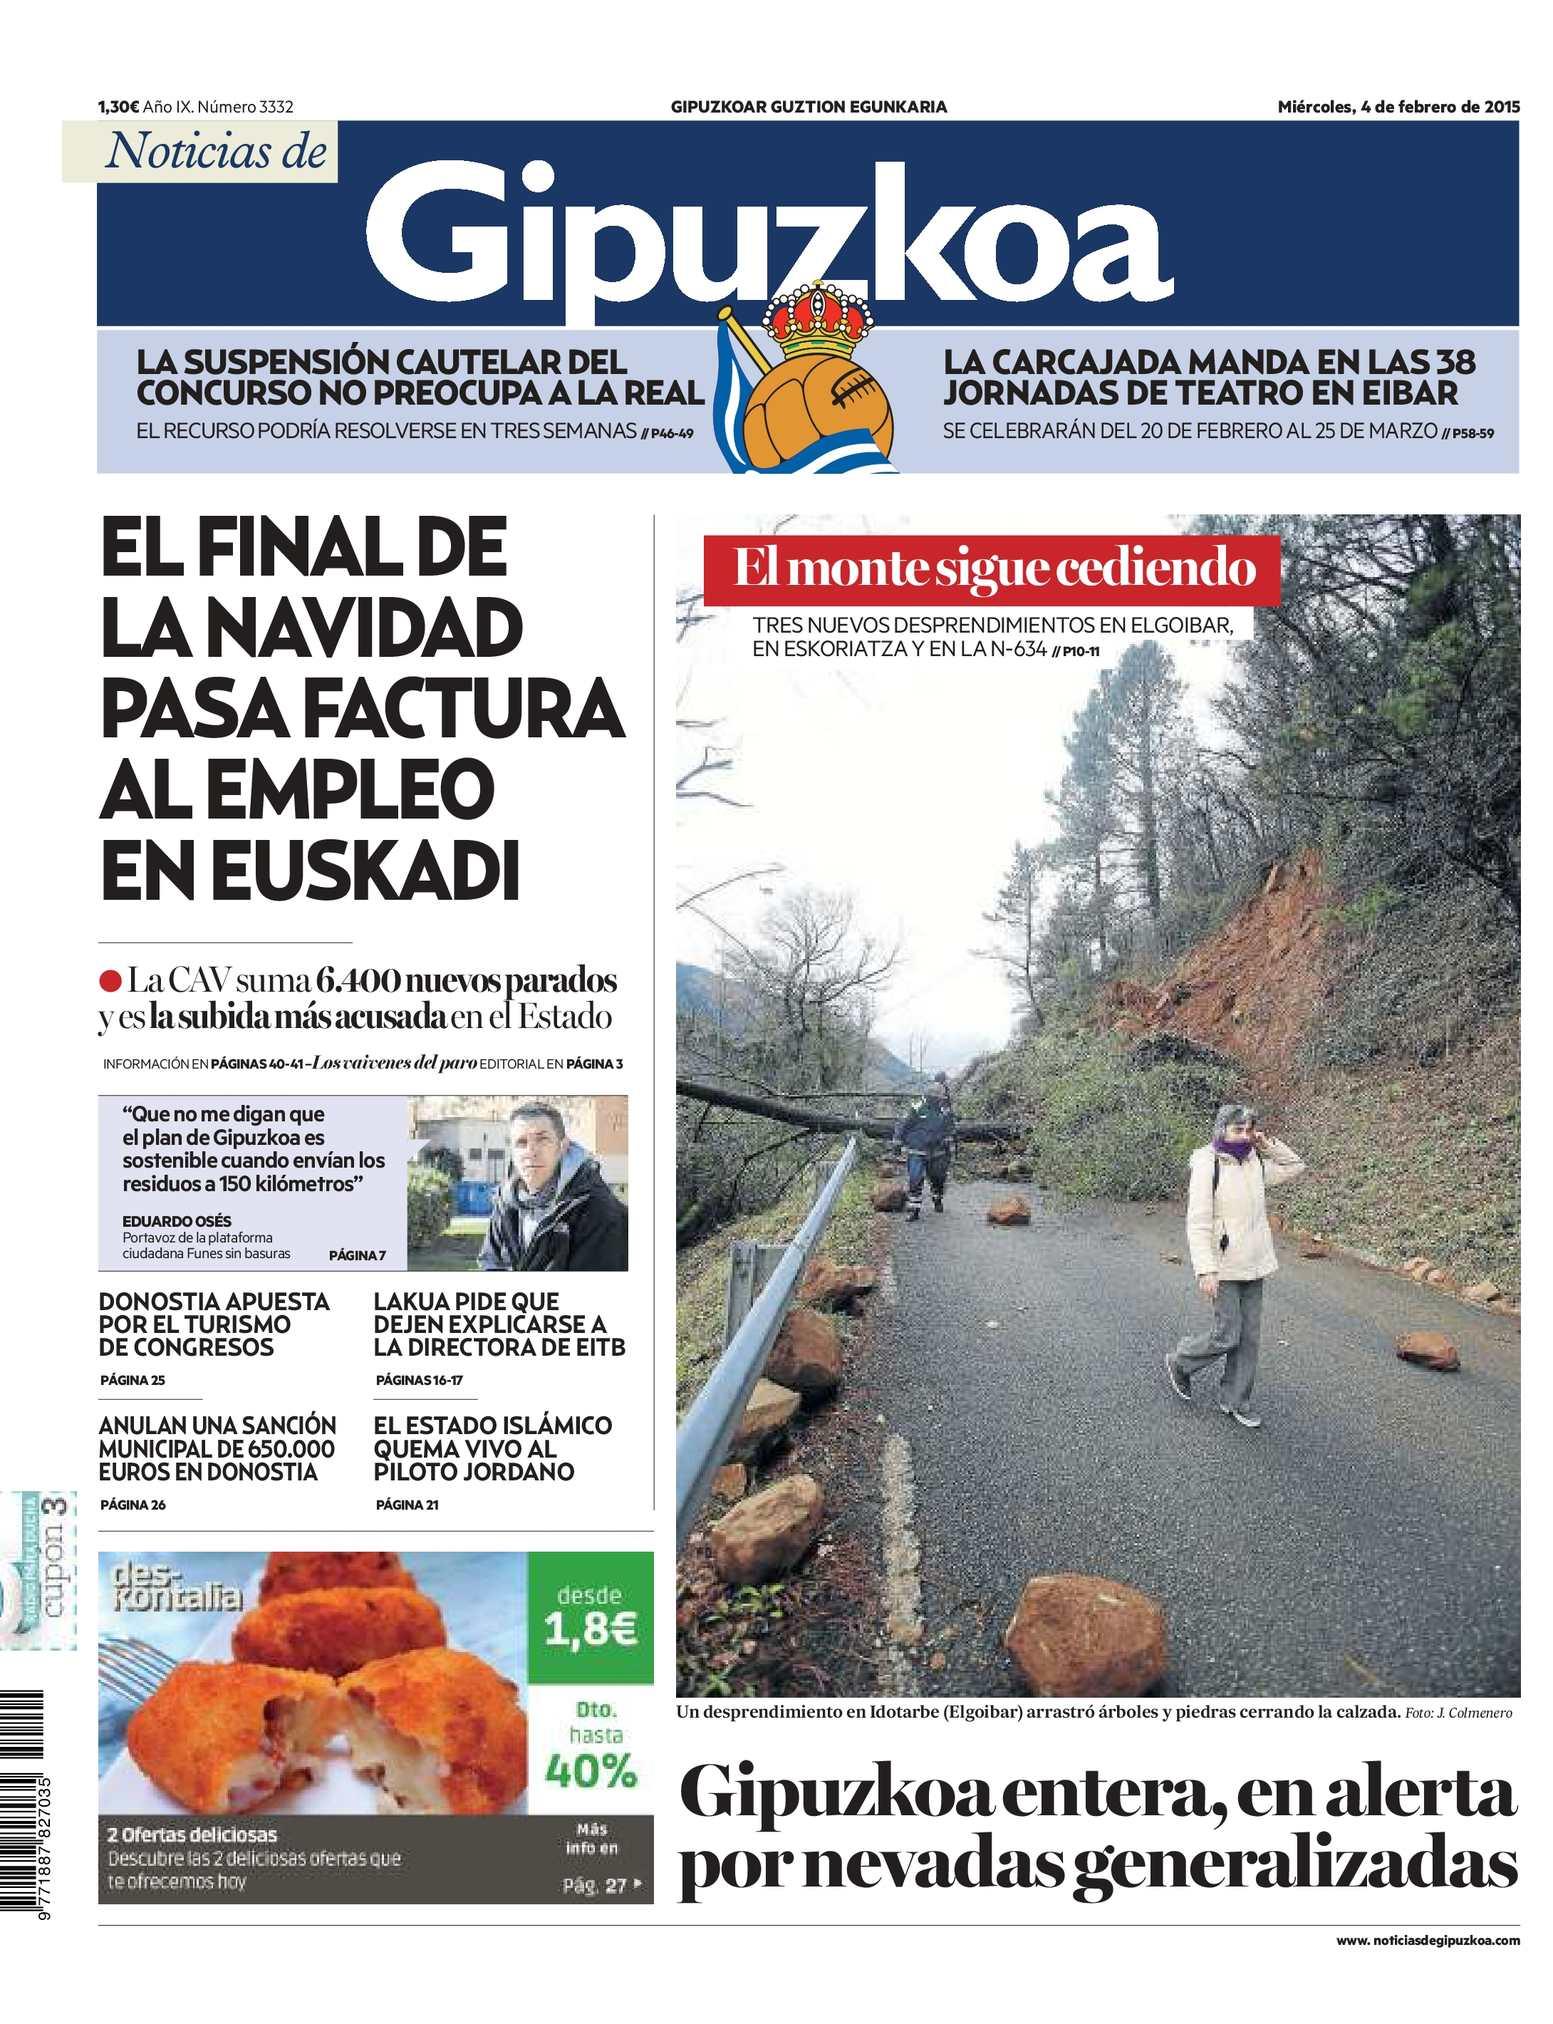 Noticias de Gipuzkoa 20150204